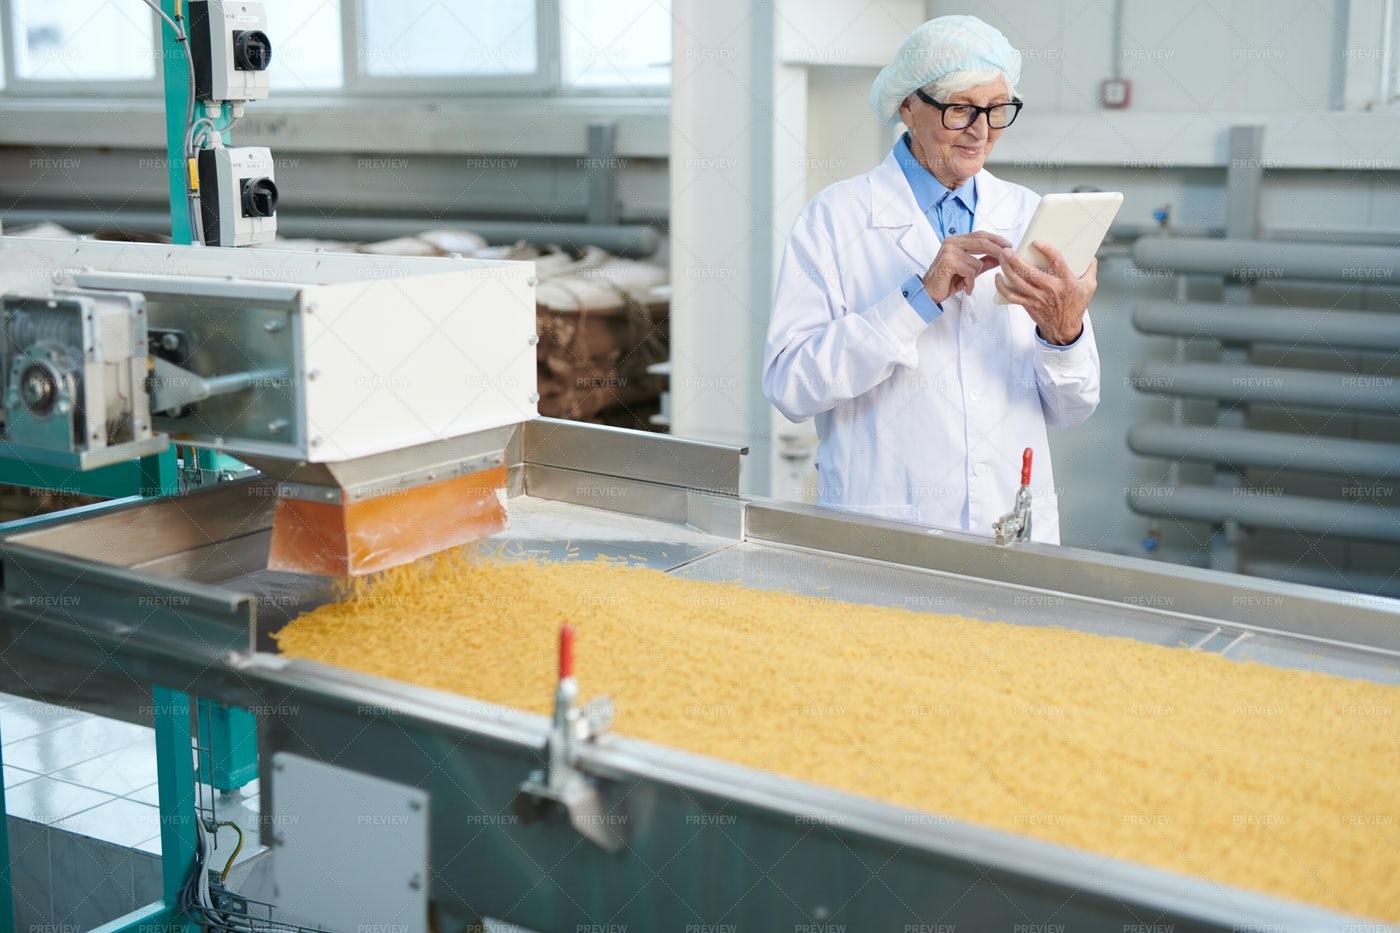 Senior Woman Inspecting Food...: Stock Photos